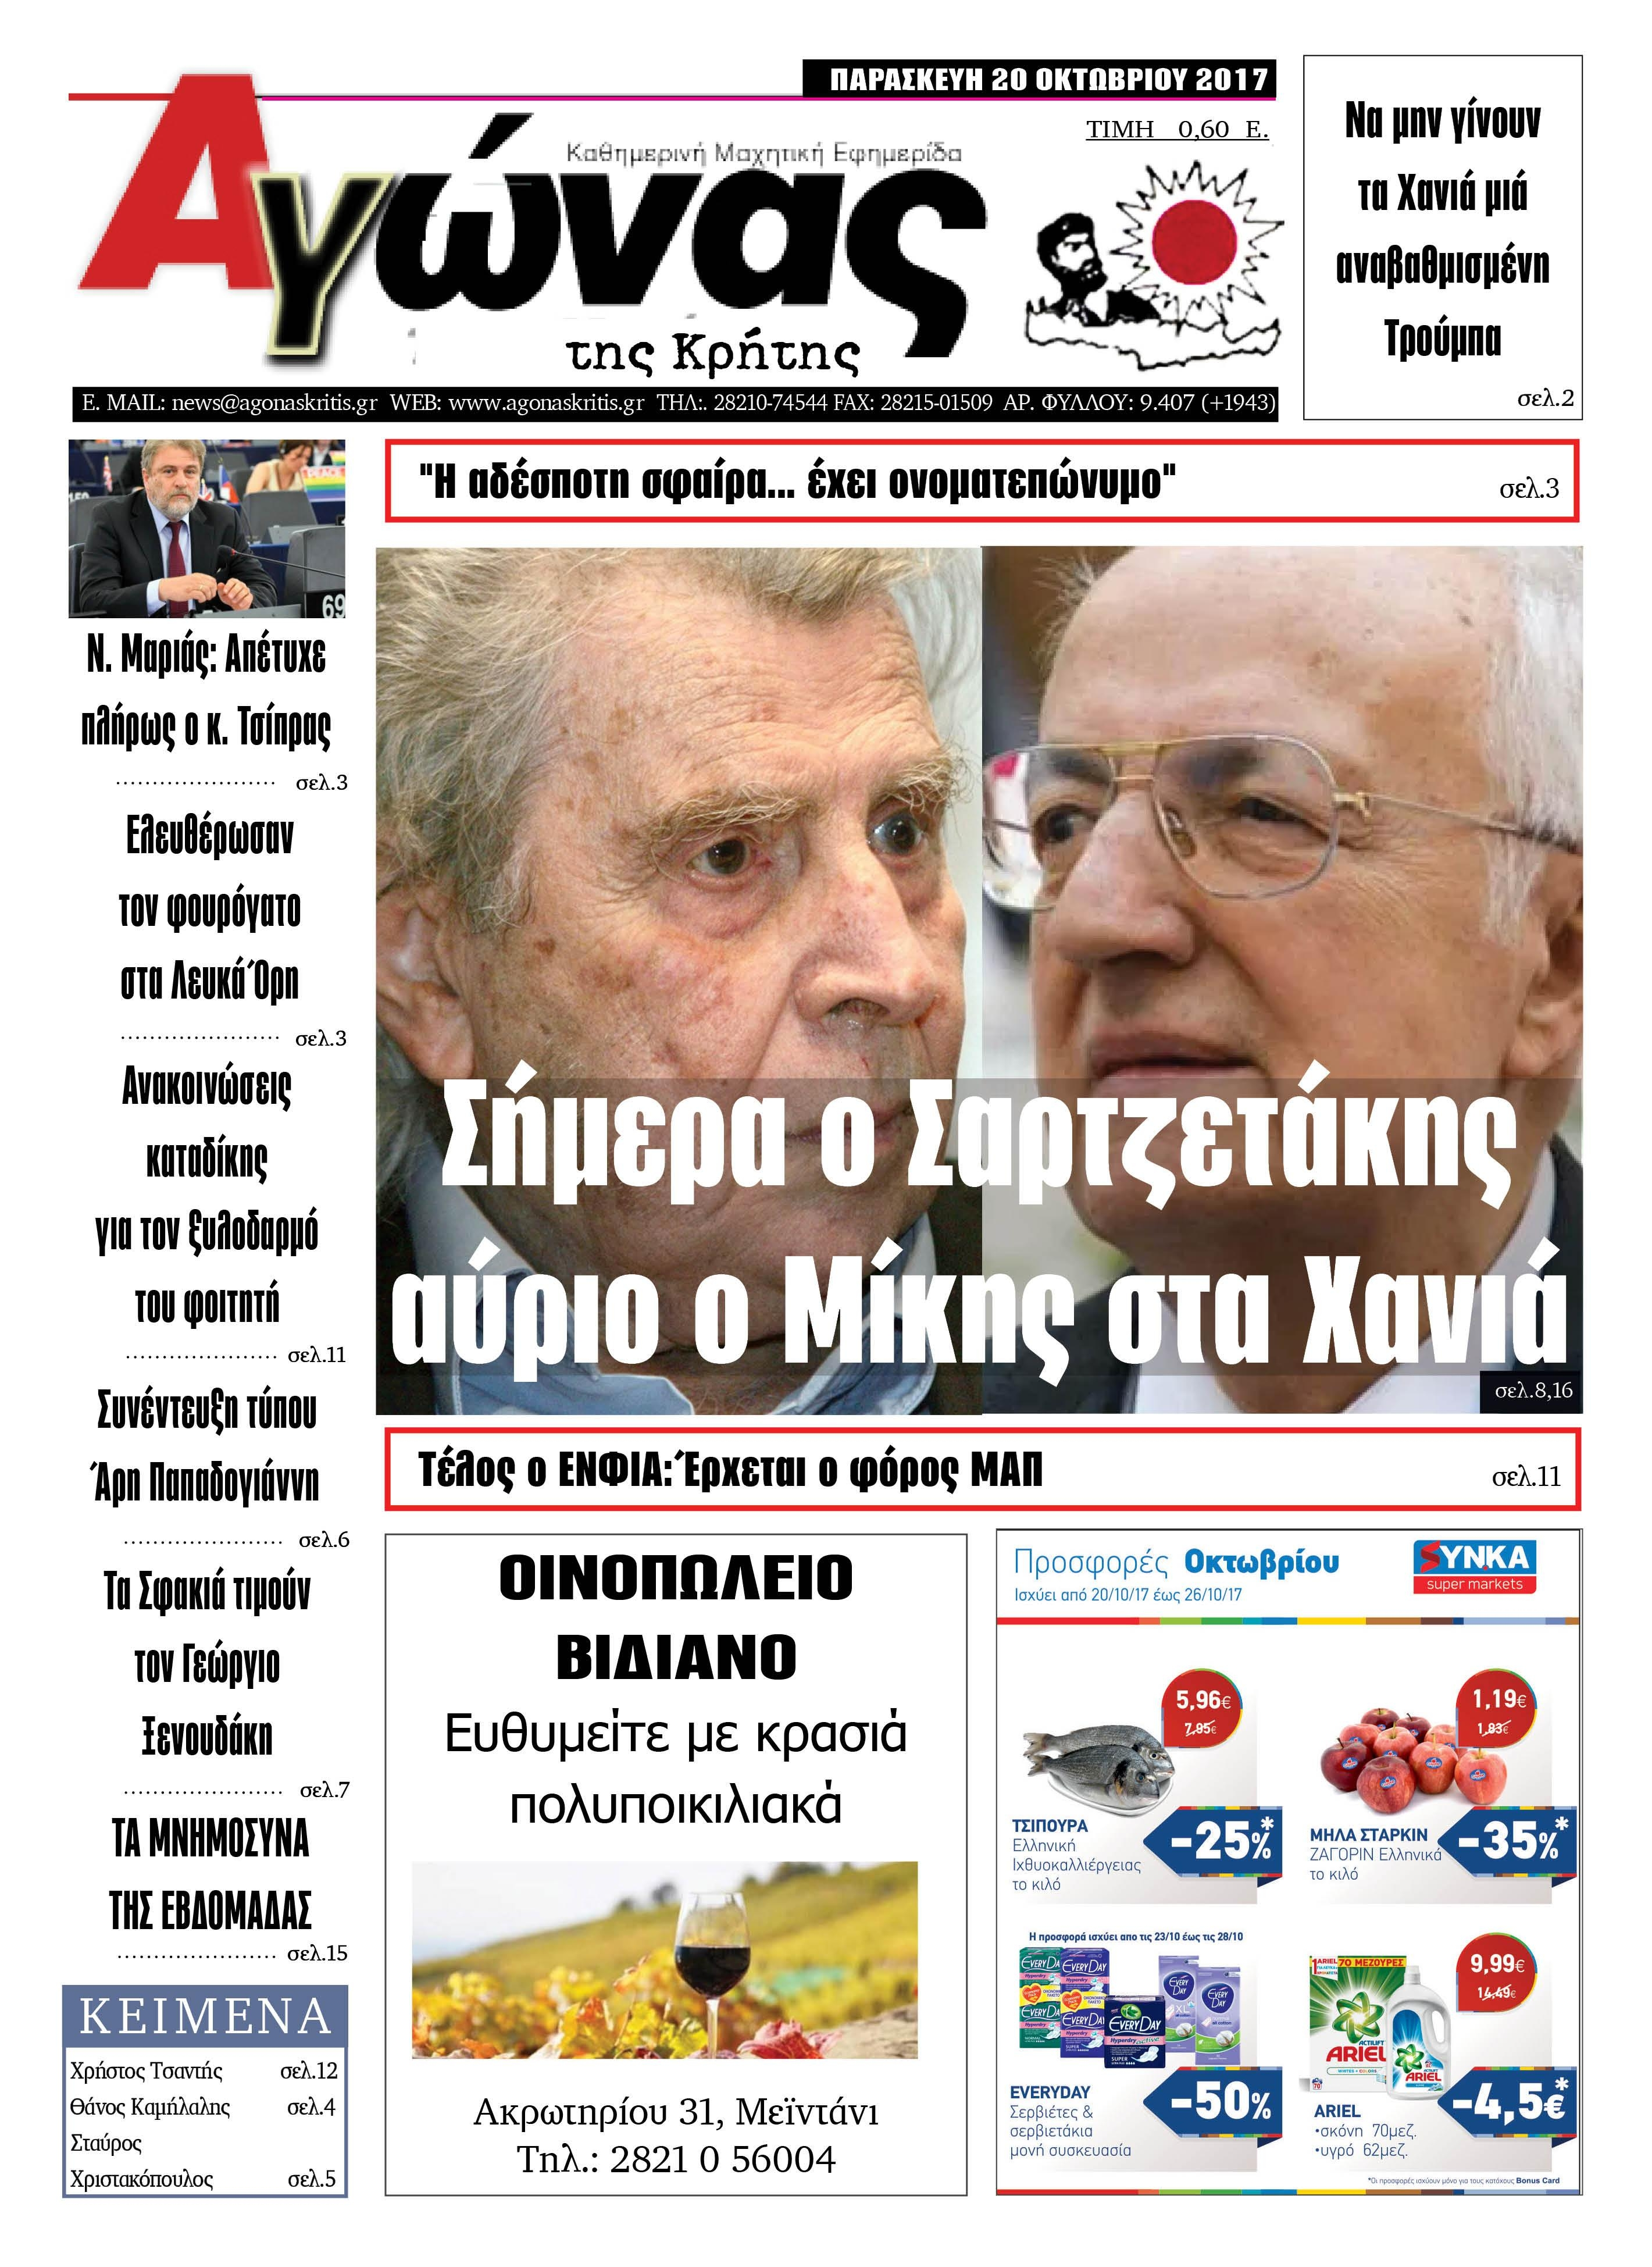 Πρωτοσέλιδο εφημερίδας Αγώνας της Κρήτης